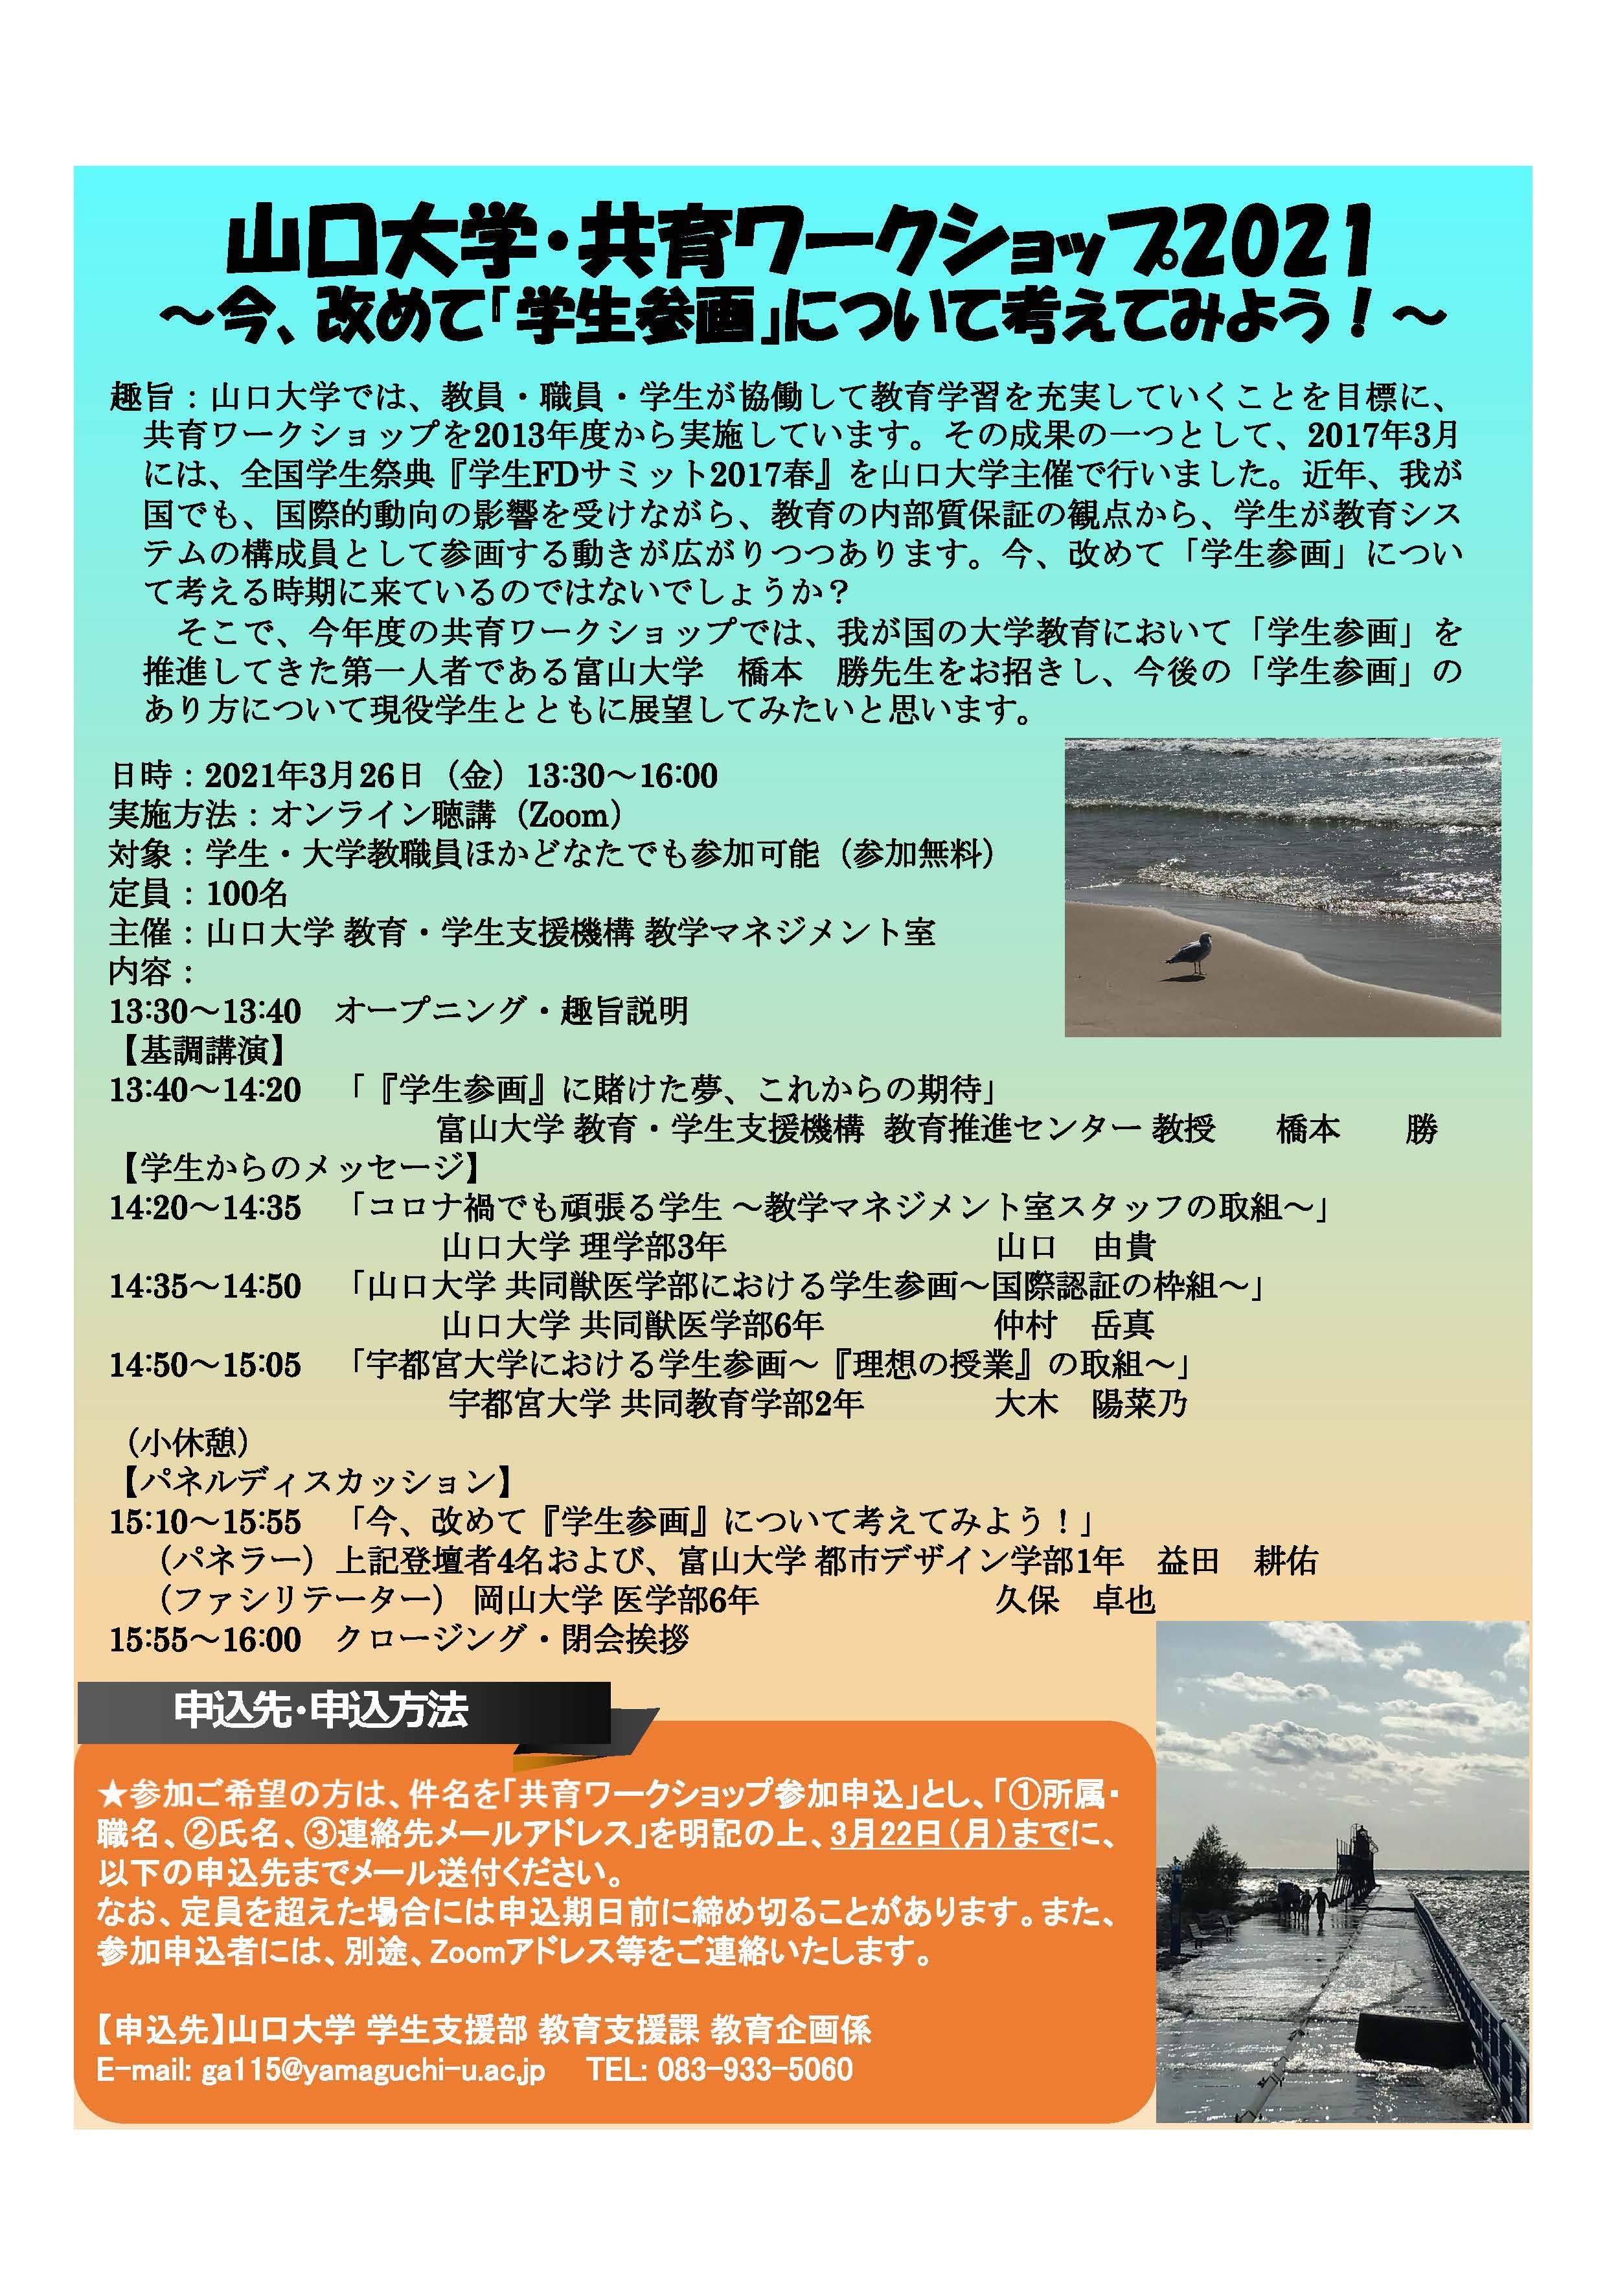 山口大学・共育ワークショップ2021チラシ(最終版).jpg